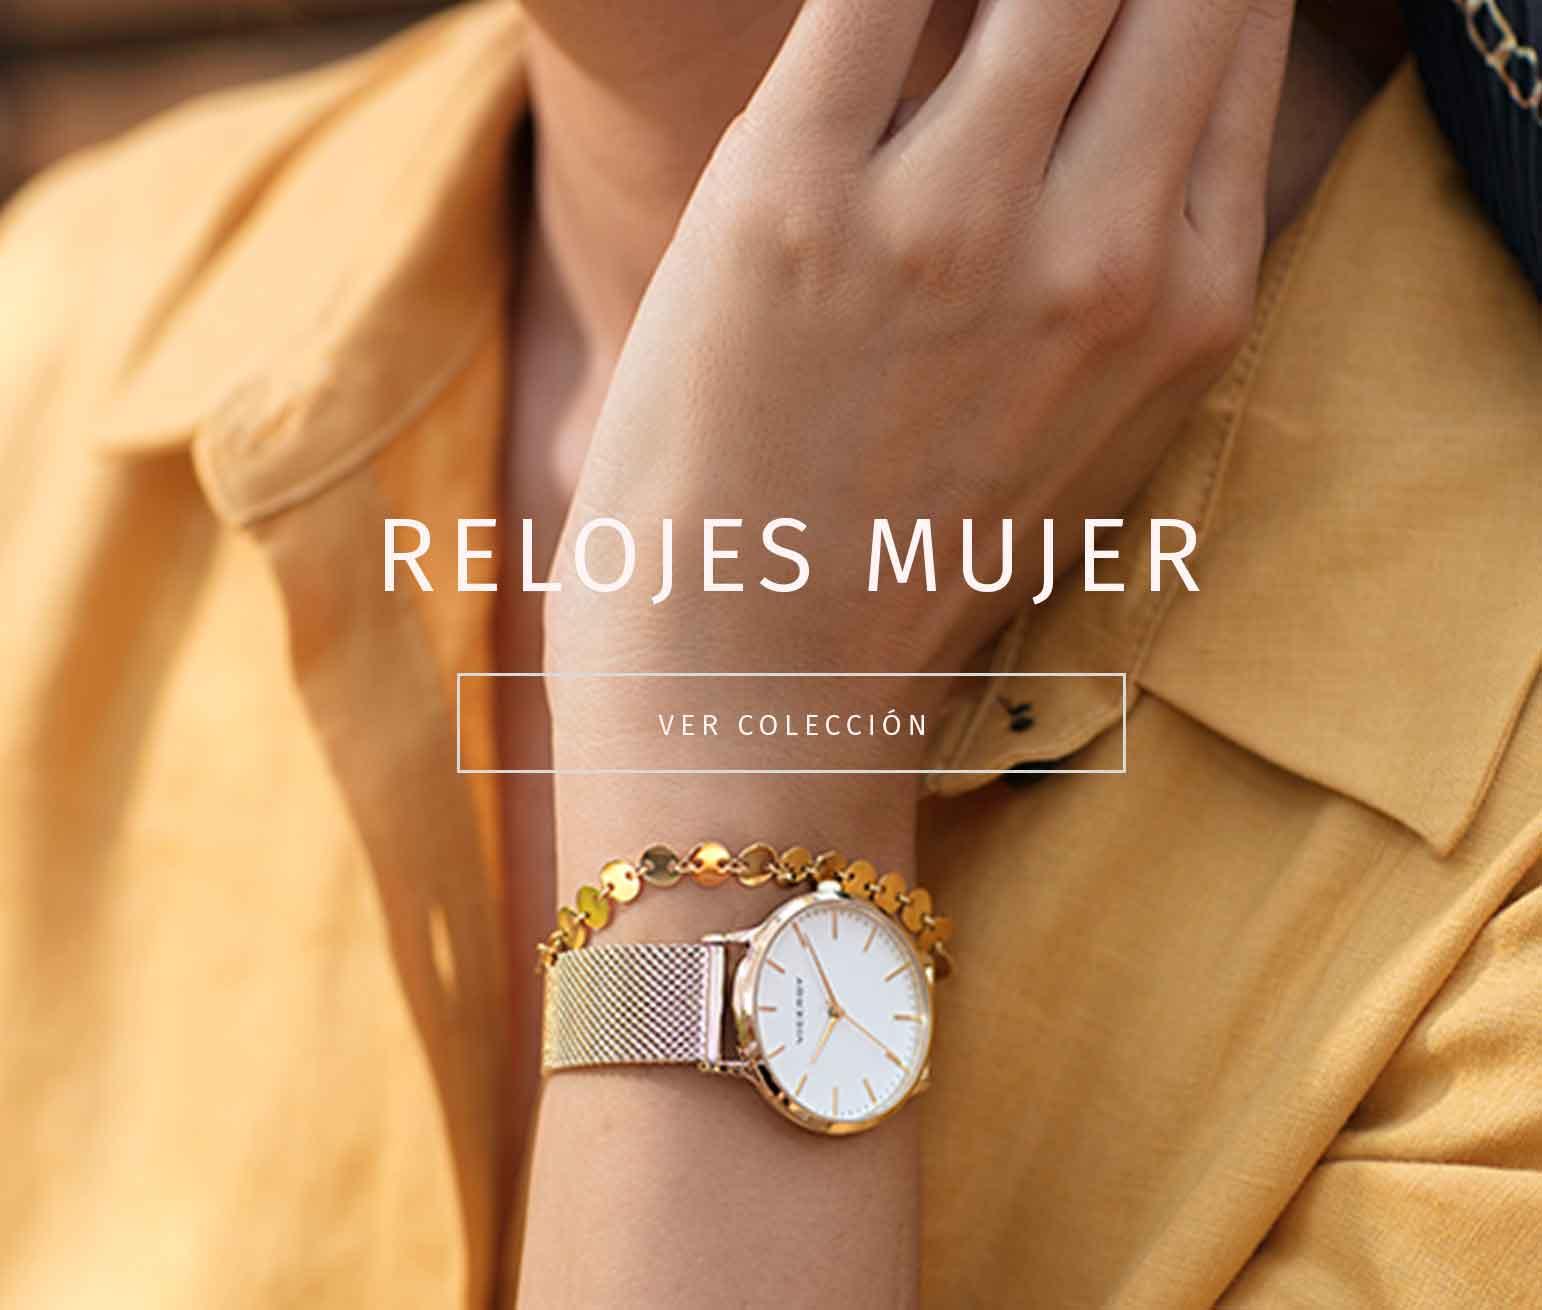 Comprar reloj barato mujer